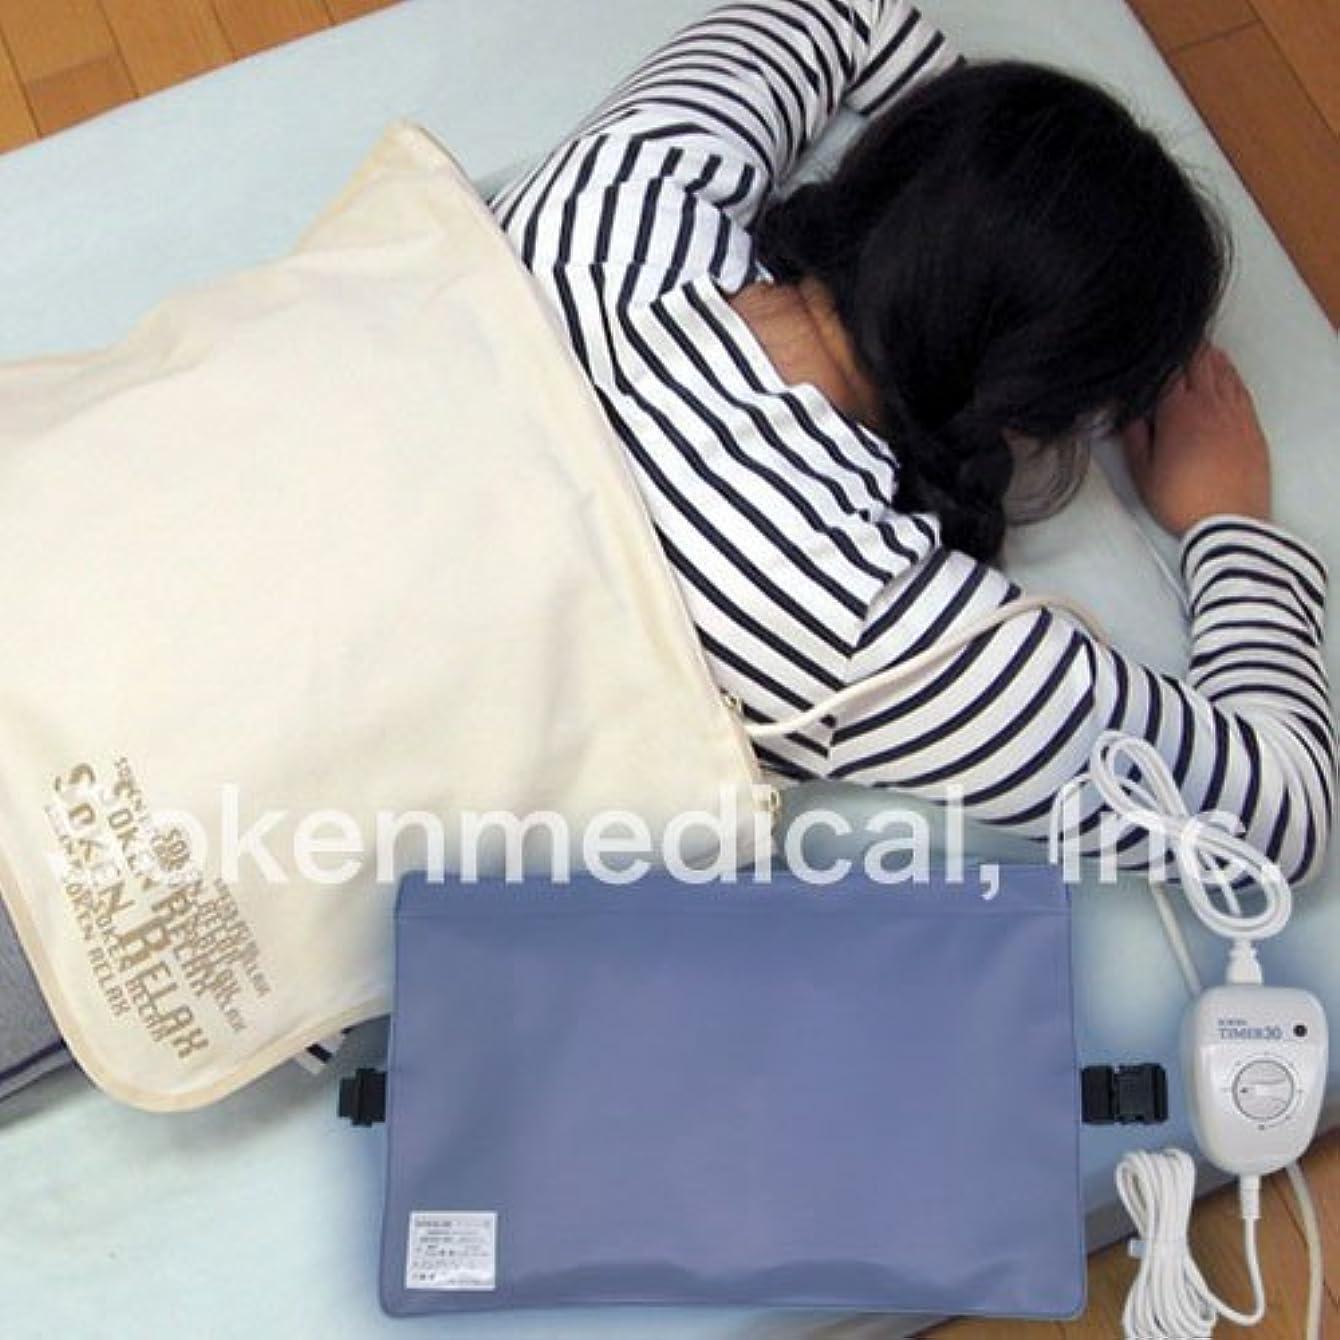 電気磁気治療器「ソーケンリラックス」60Hz 血流を良くしてコリをほぐす効果抜群!